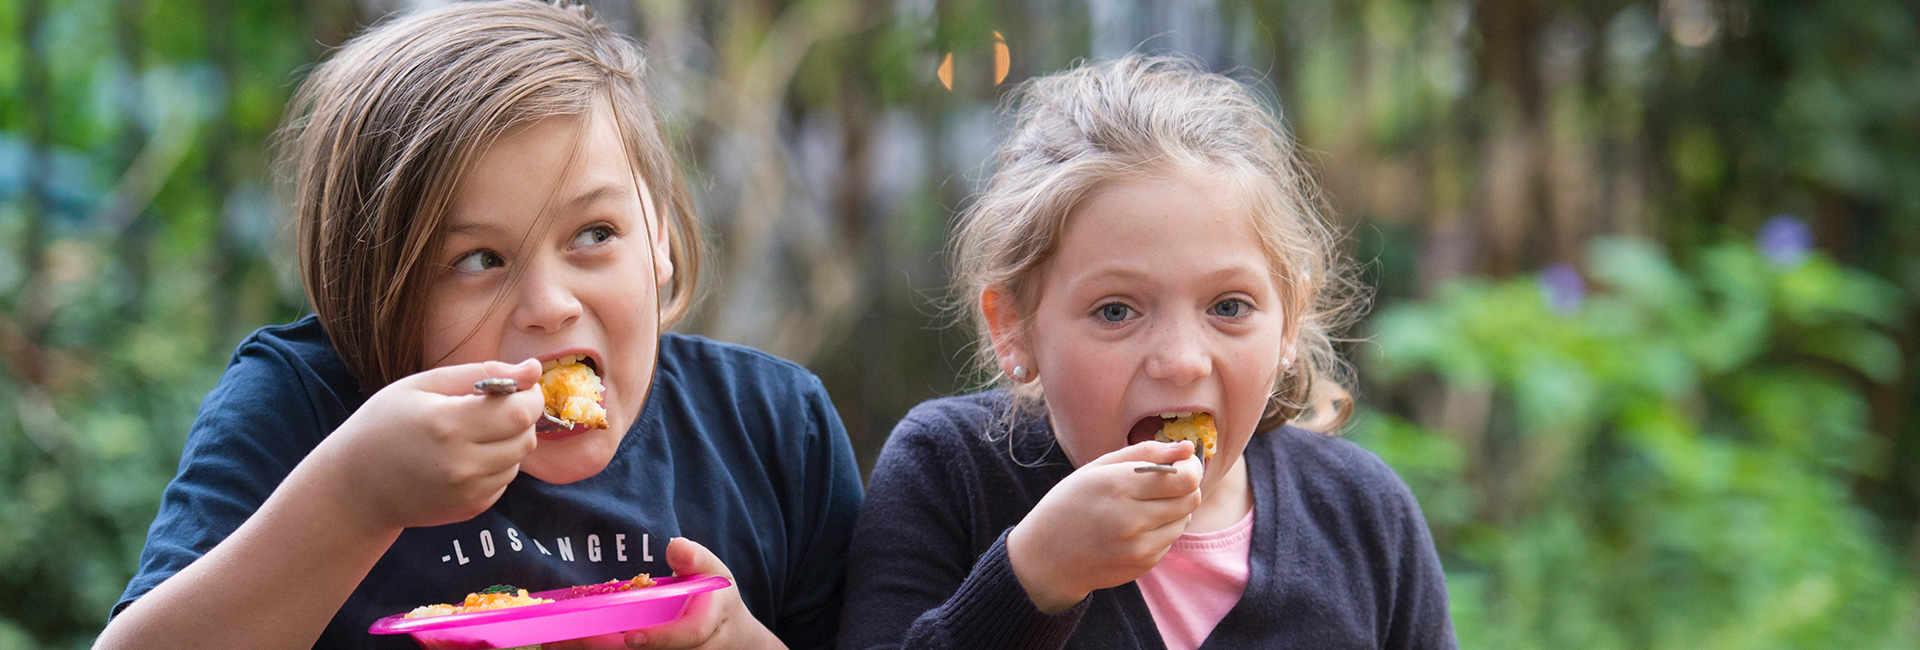 Children eating